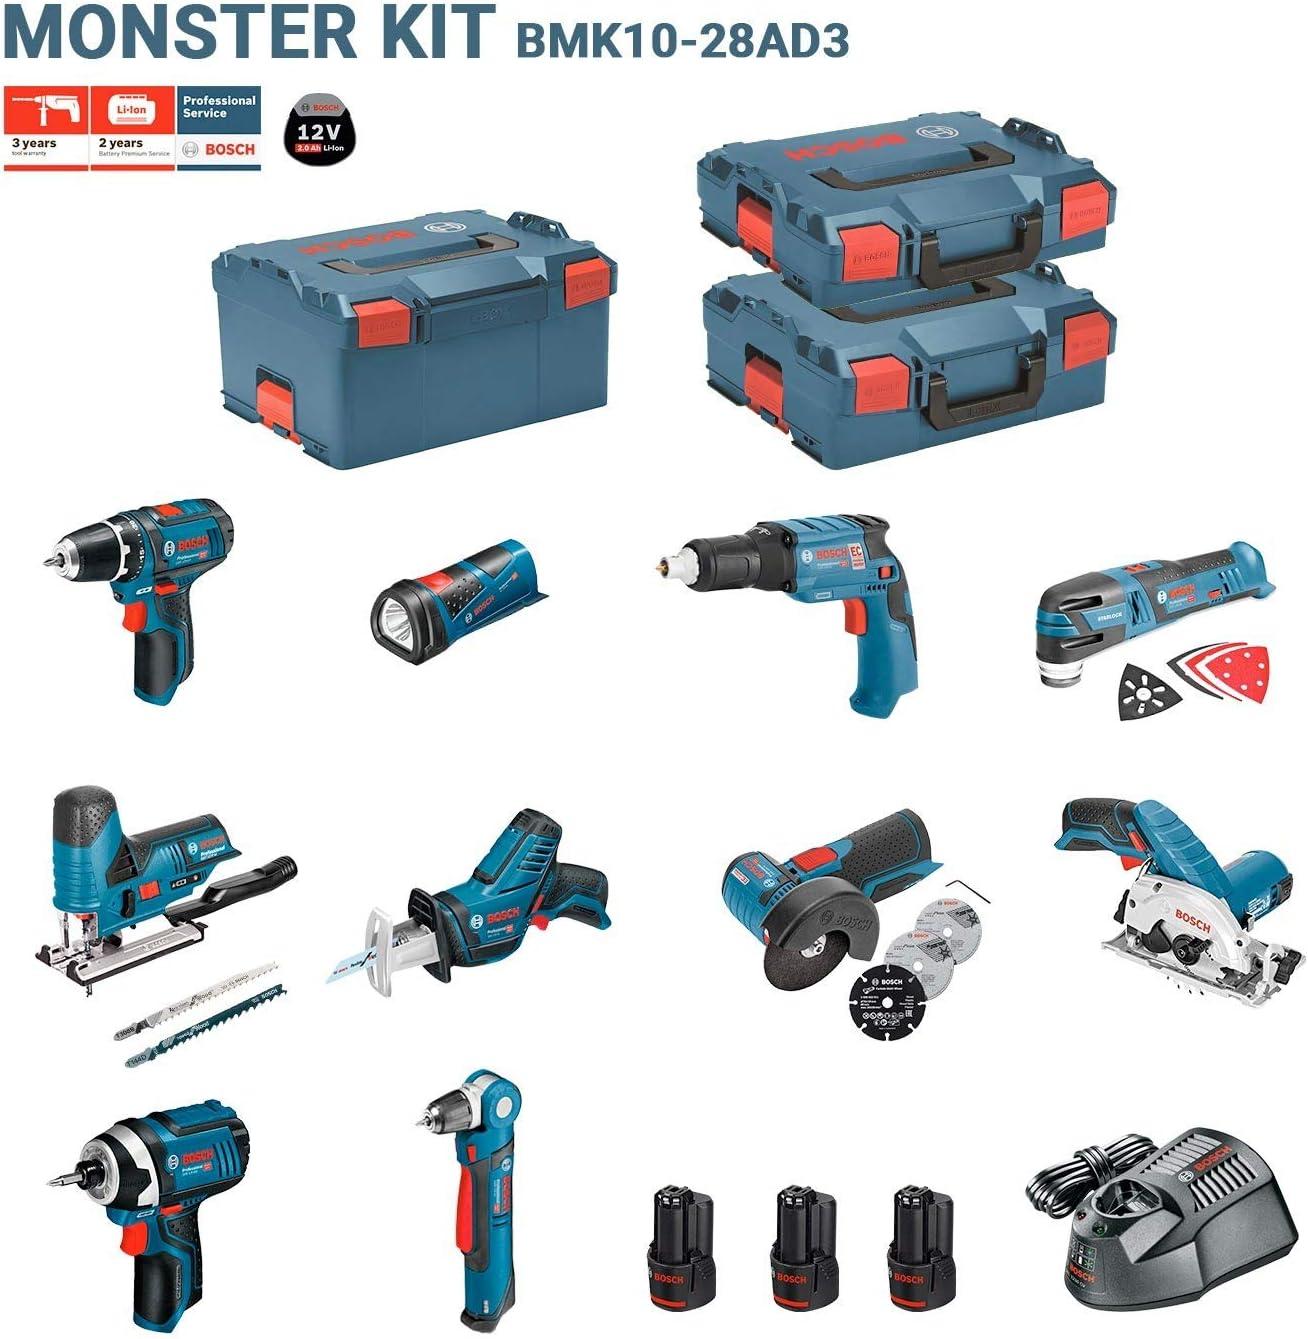 BOSCH Kit 12V BMK10-28AD3 (GSR 12V-15 + GDR 12V-105 + GKS 12V-26 + GWS 12V-76 + GST 12V-70 + GOP 12V-28 + GSA 12V-14 + GWB 12V-10 + GLI 12V-80 + GTB 12V-11)